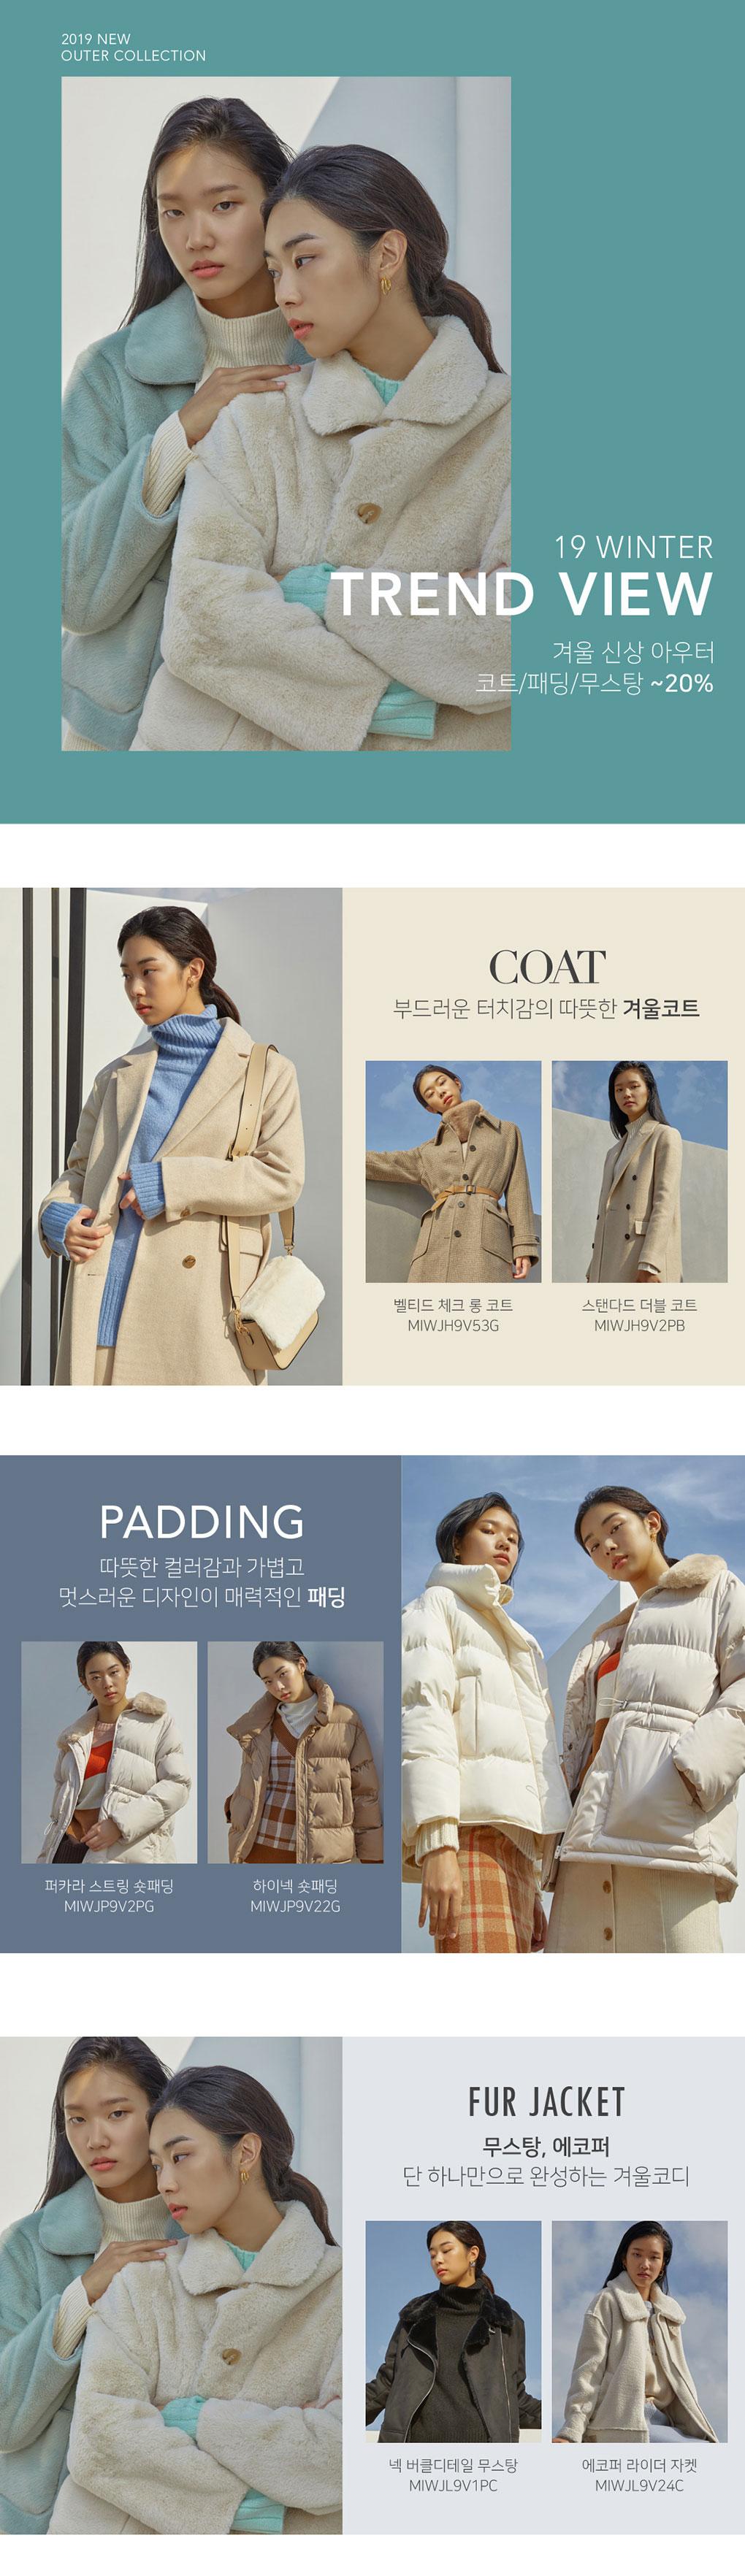 미쏘 겨울 신상 컬렉션